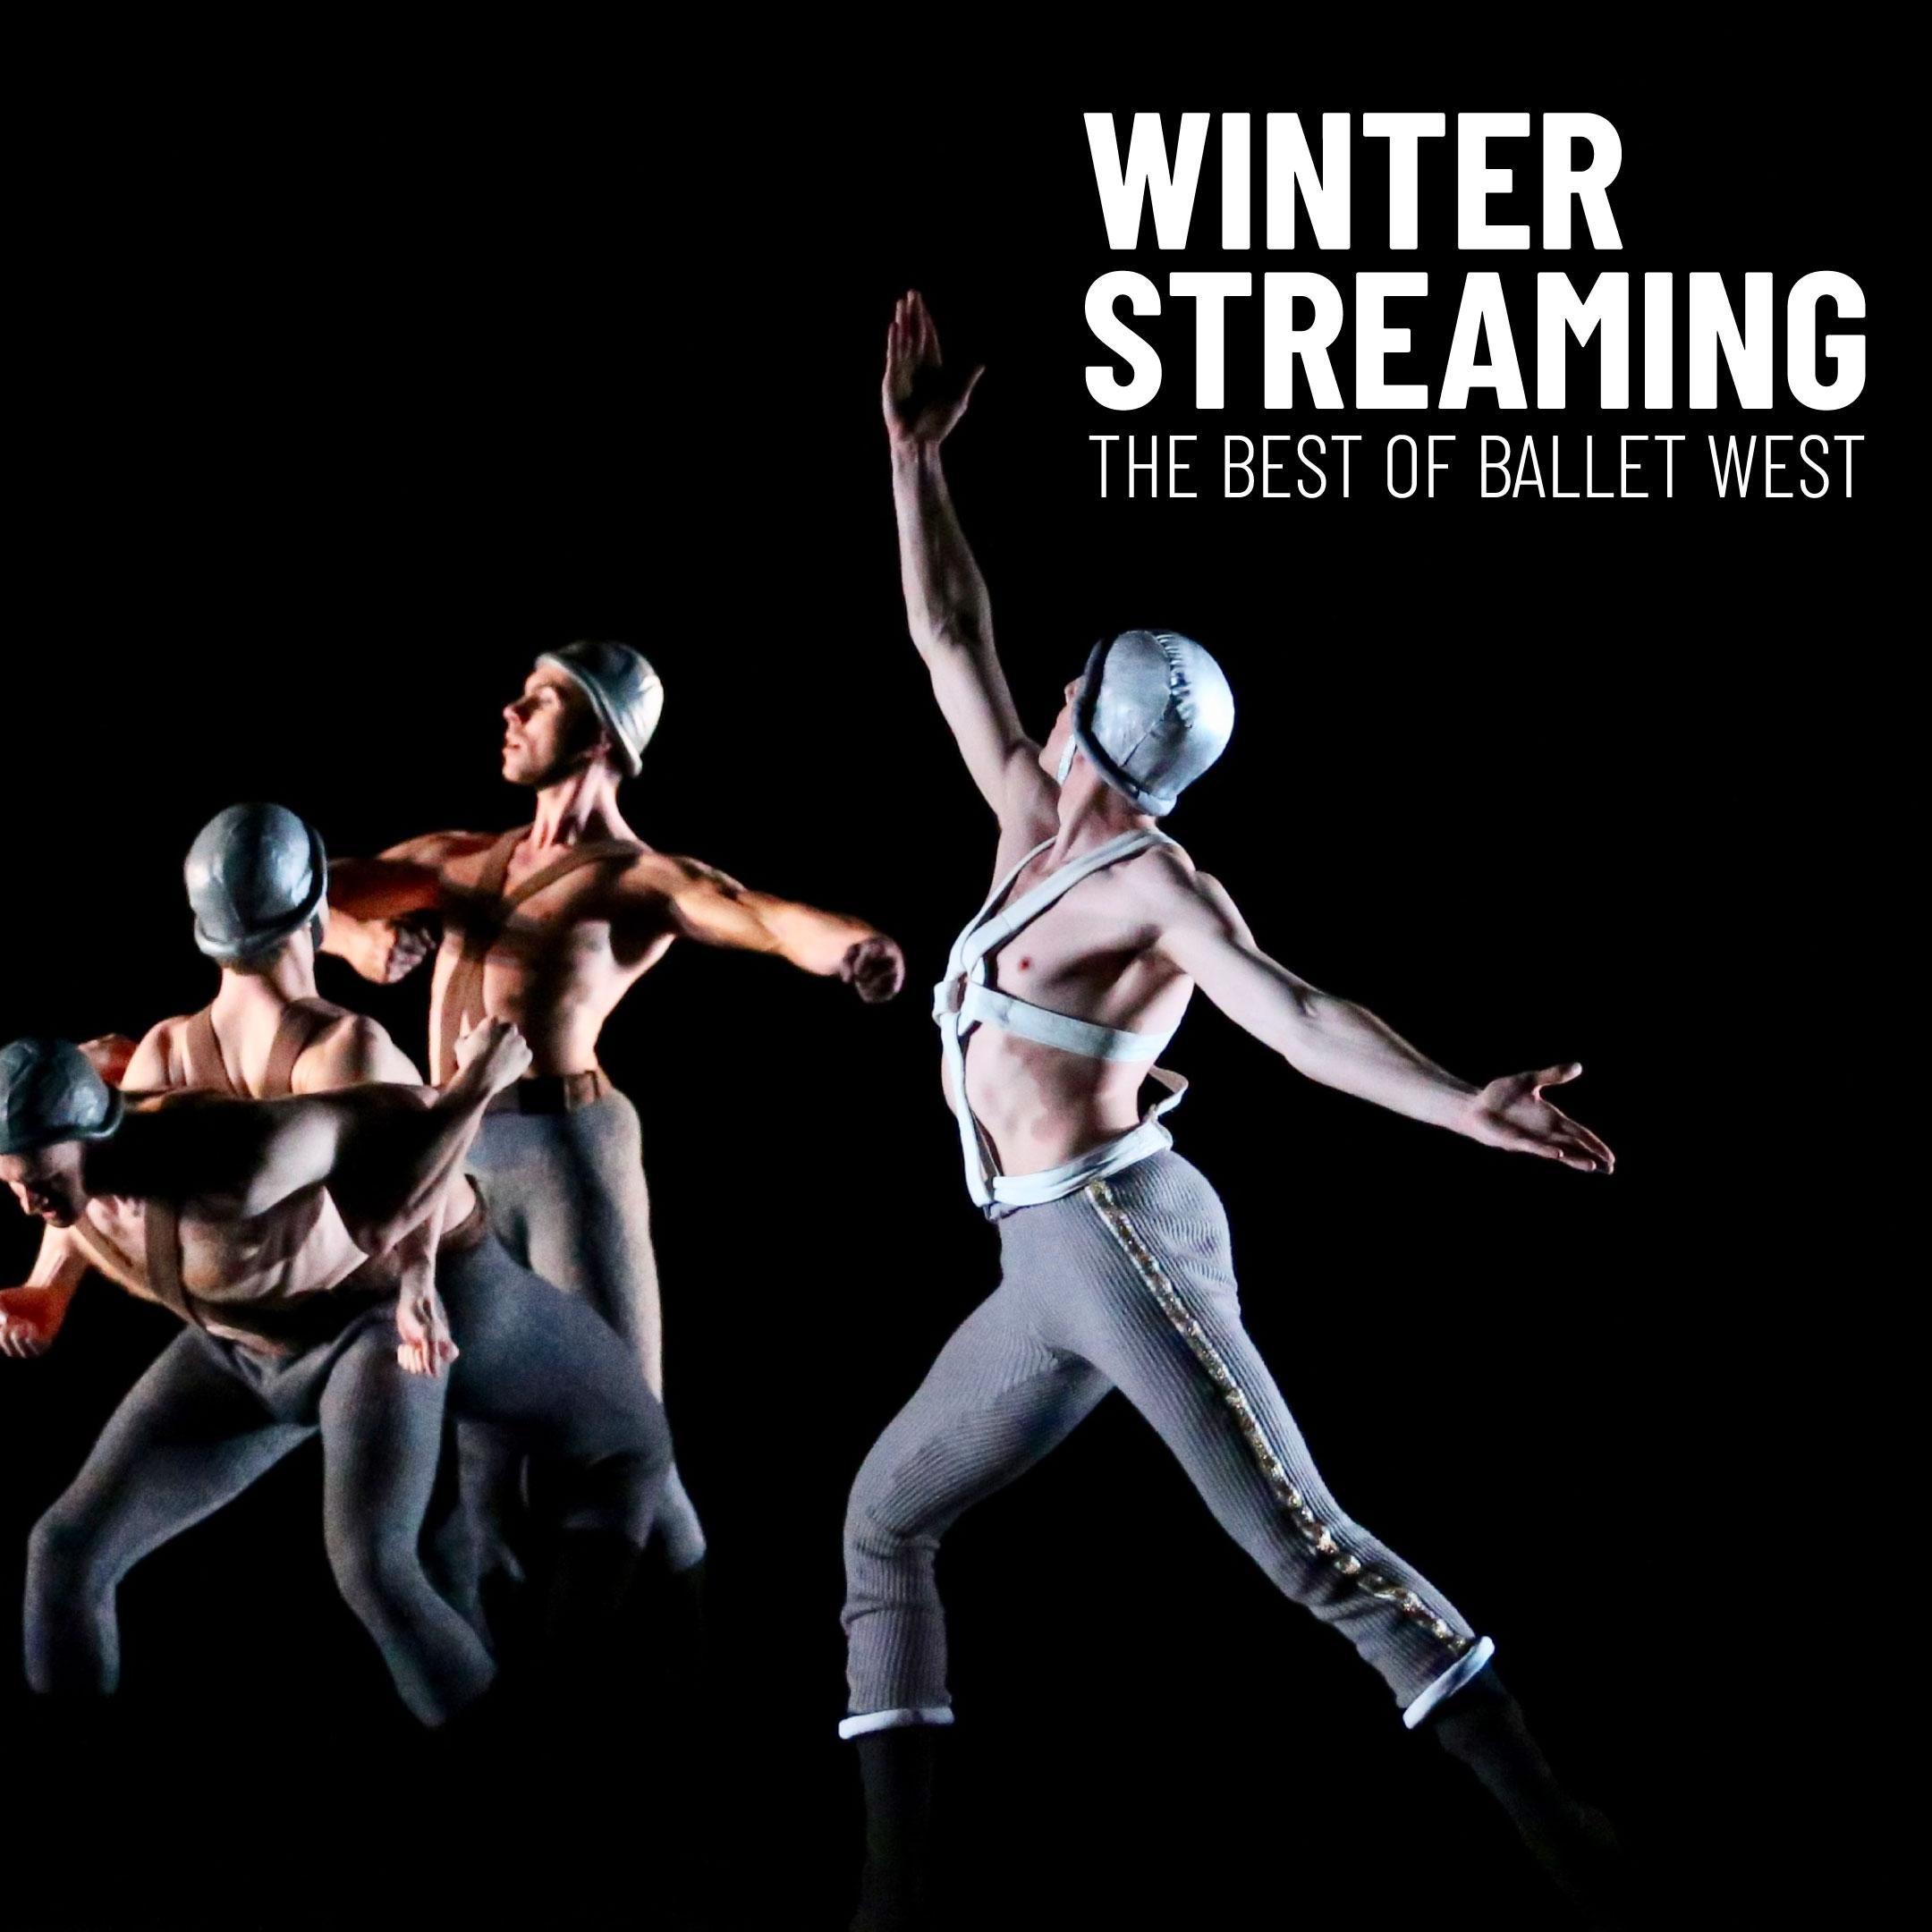 winter-streaming-social-media-1@2x